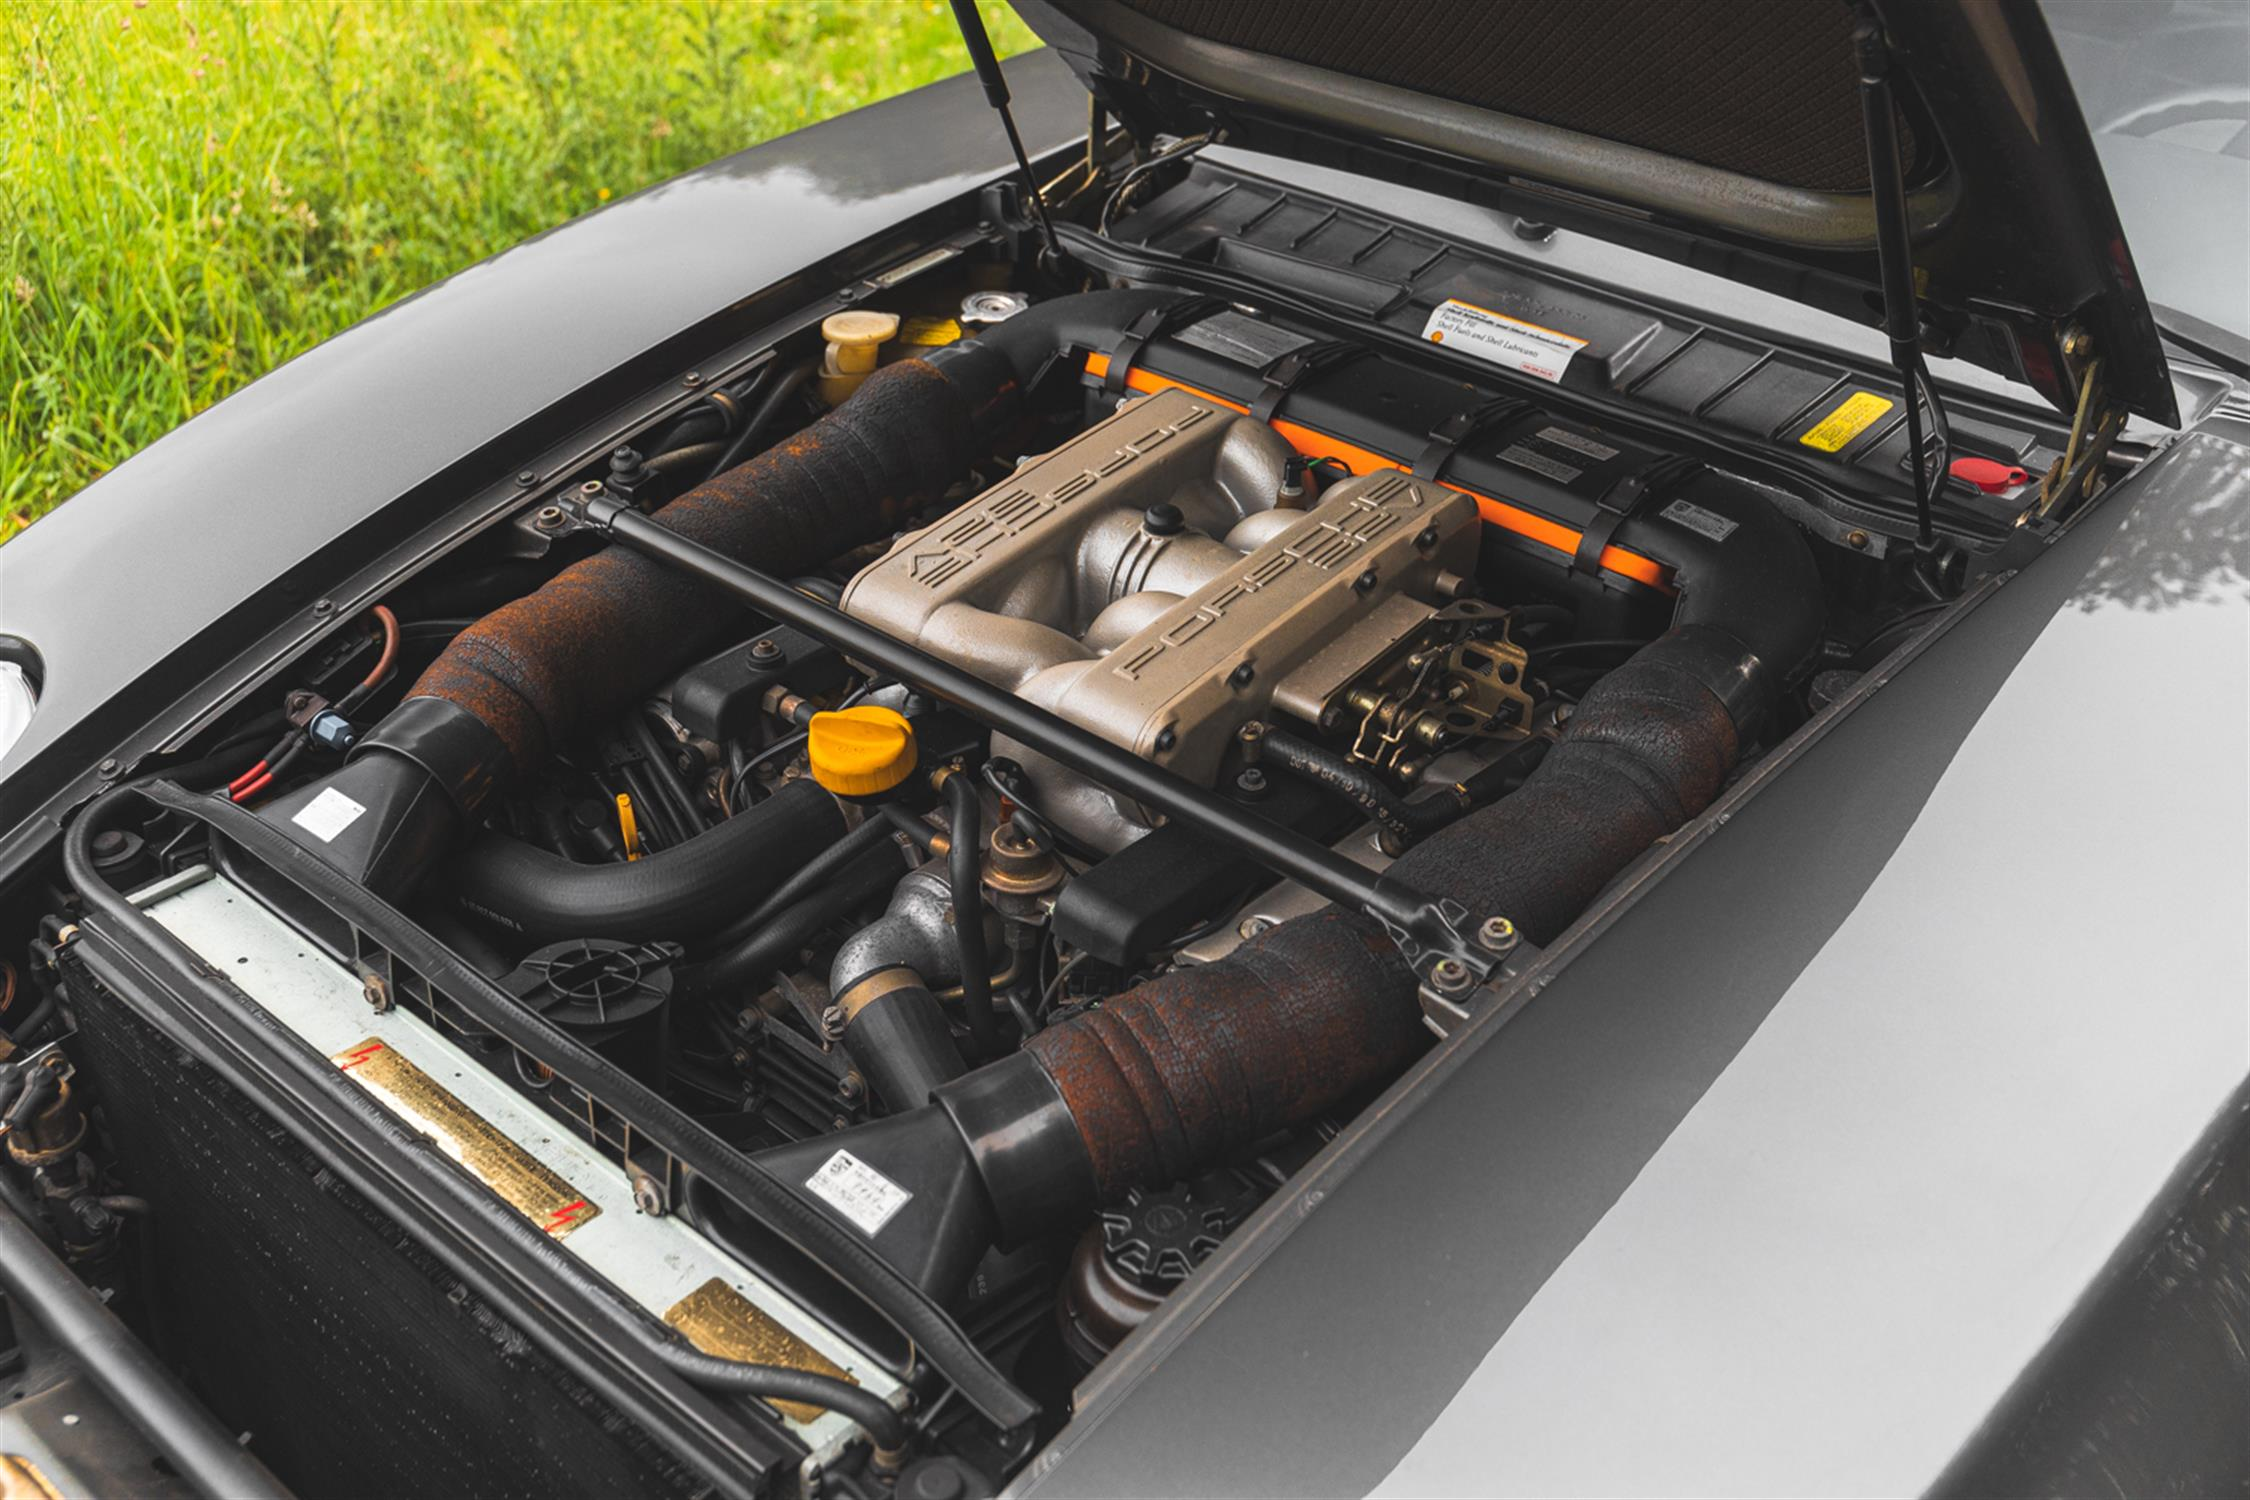 1991 Porsche 928 GT - Image 7 of 10